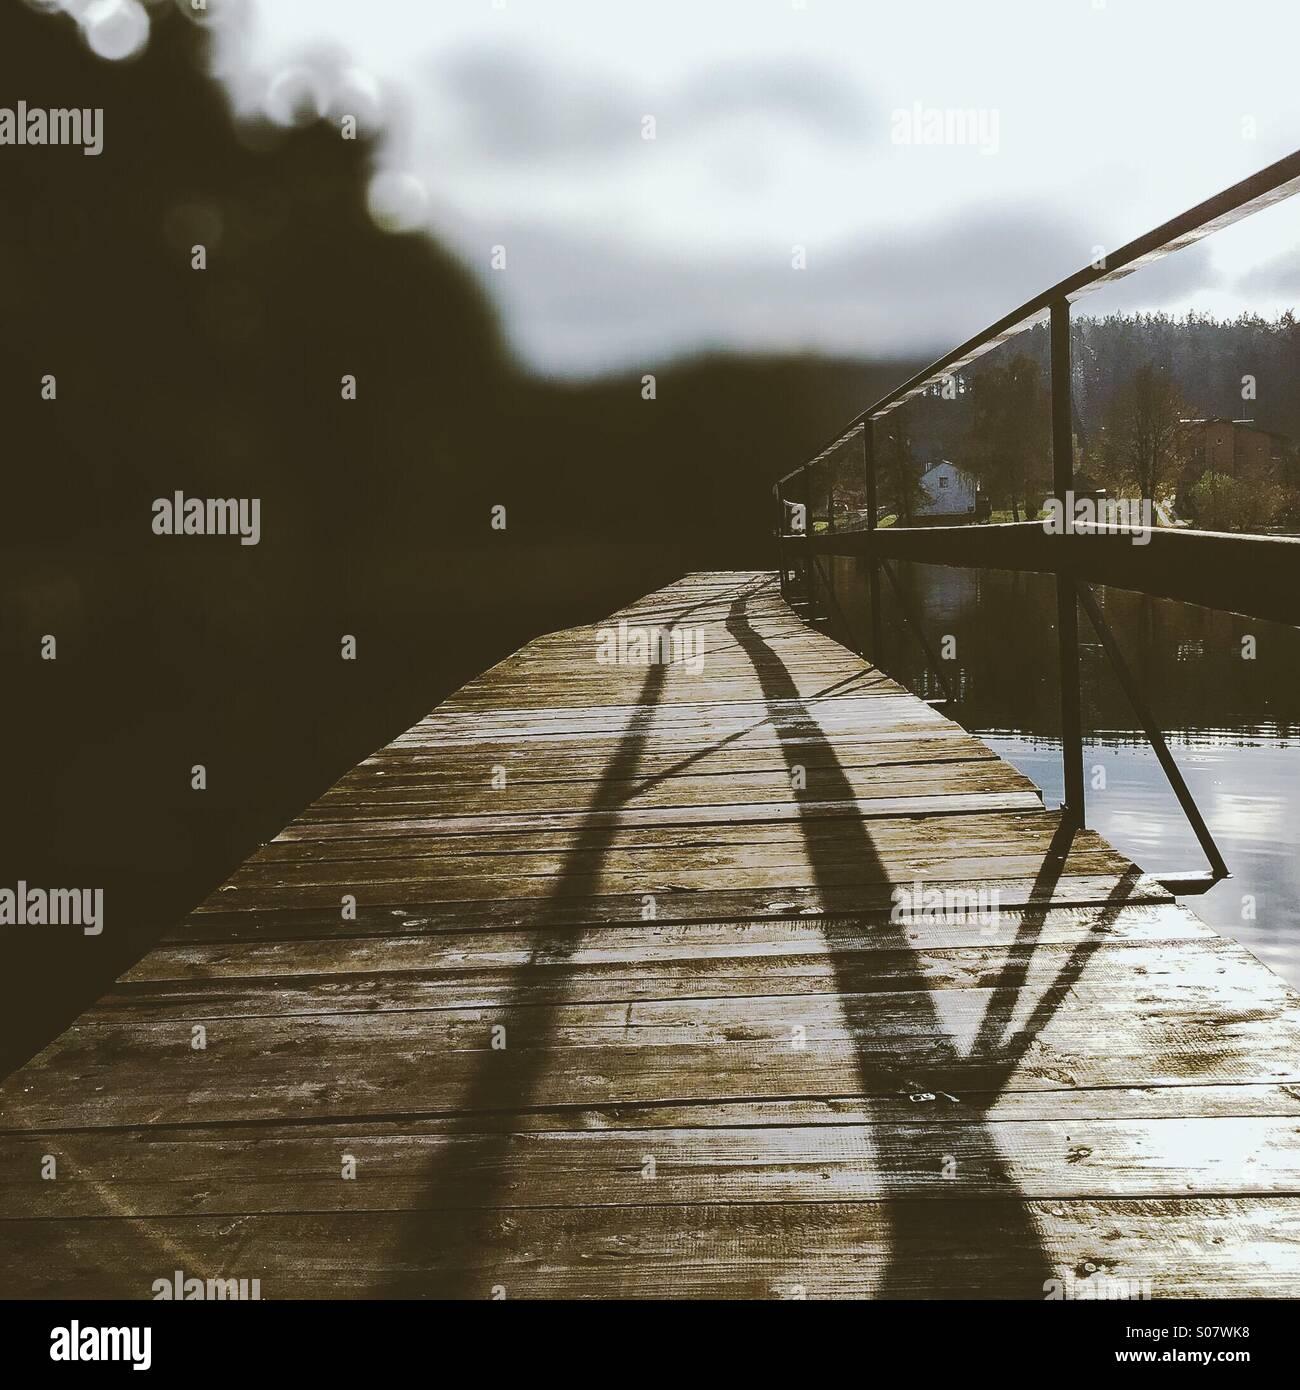 Reflection - Stock Image